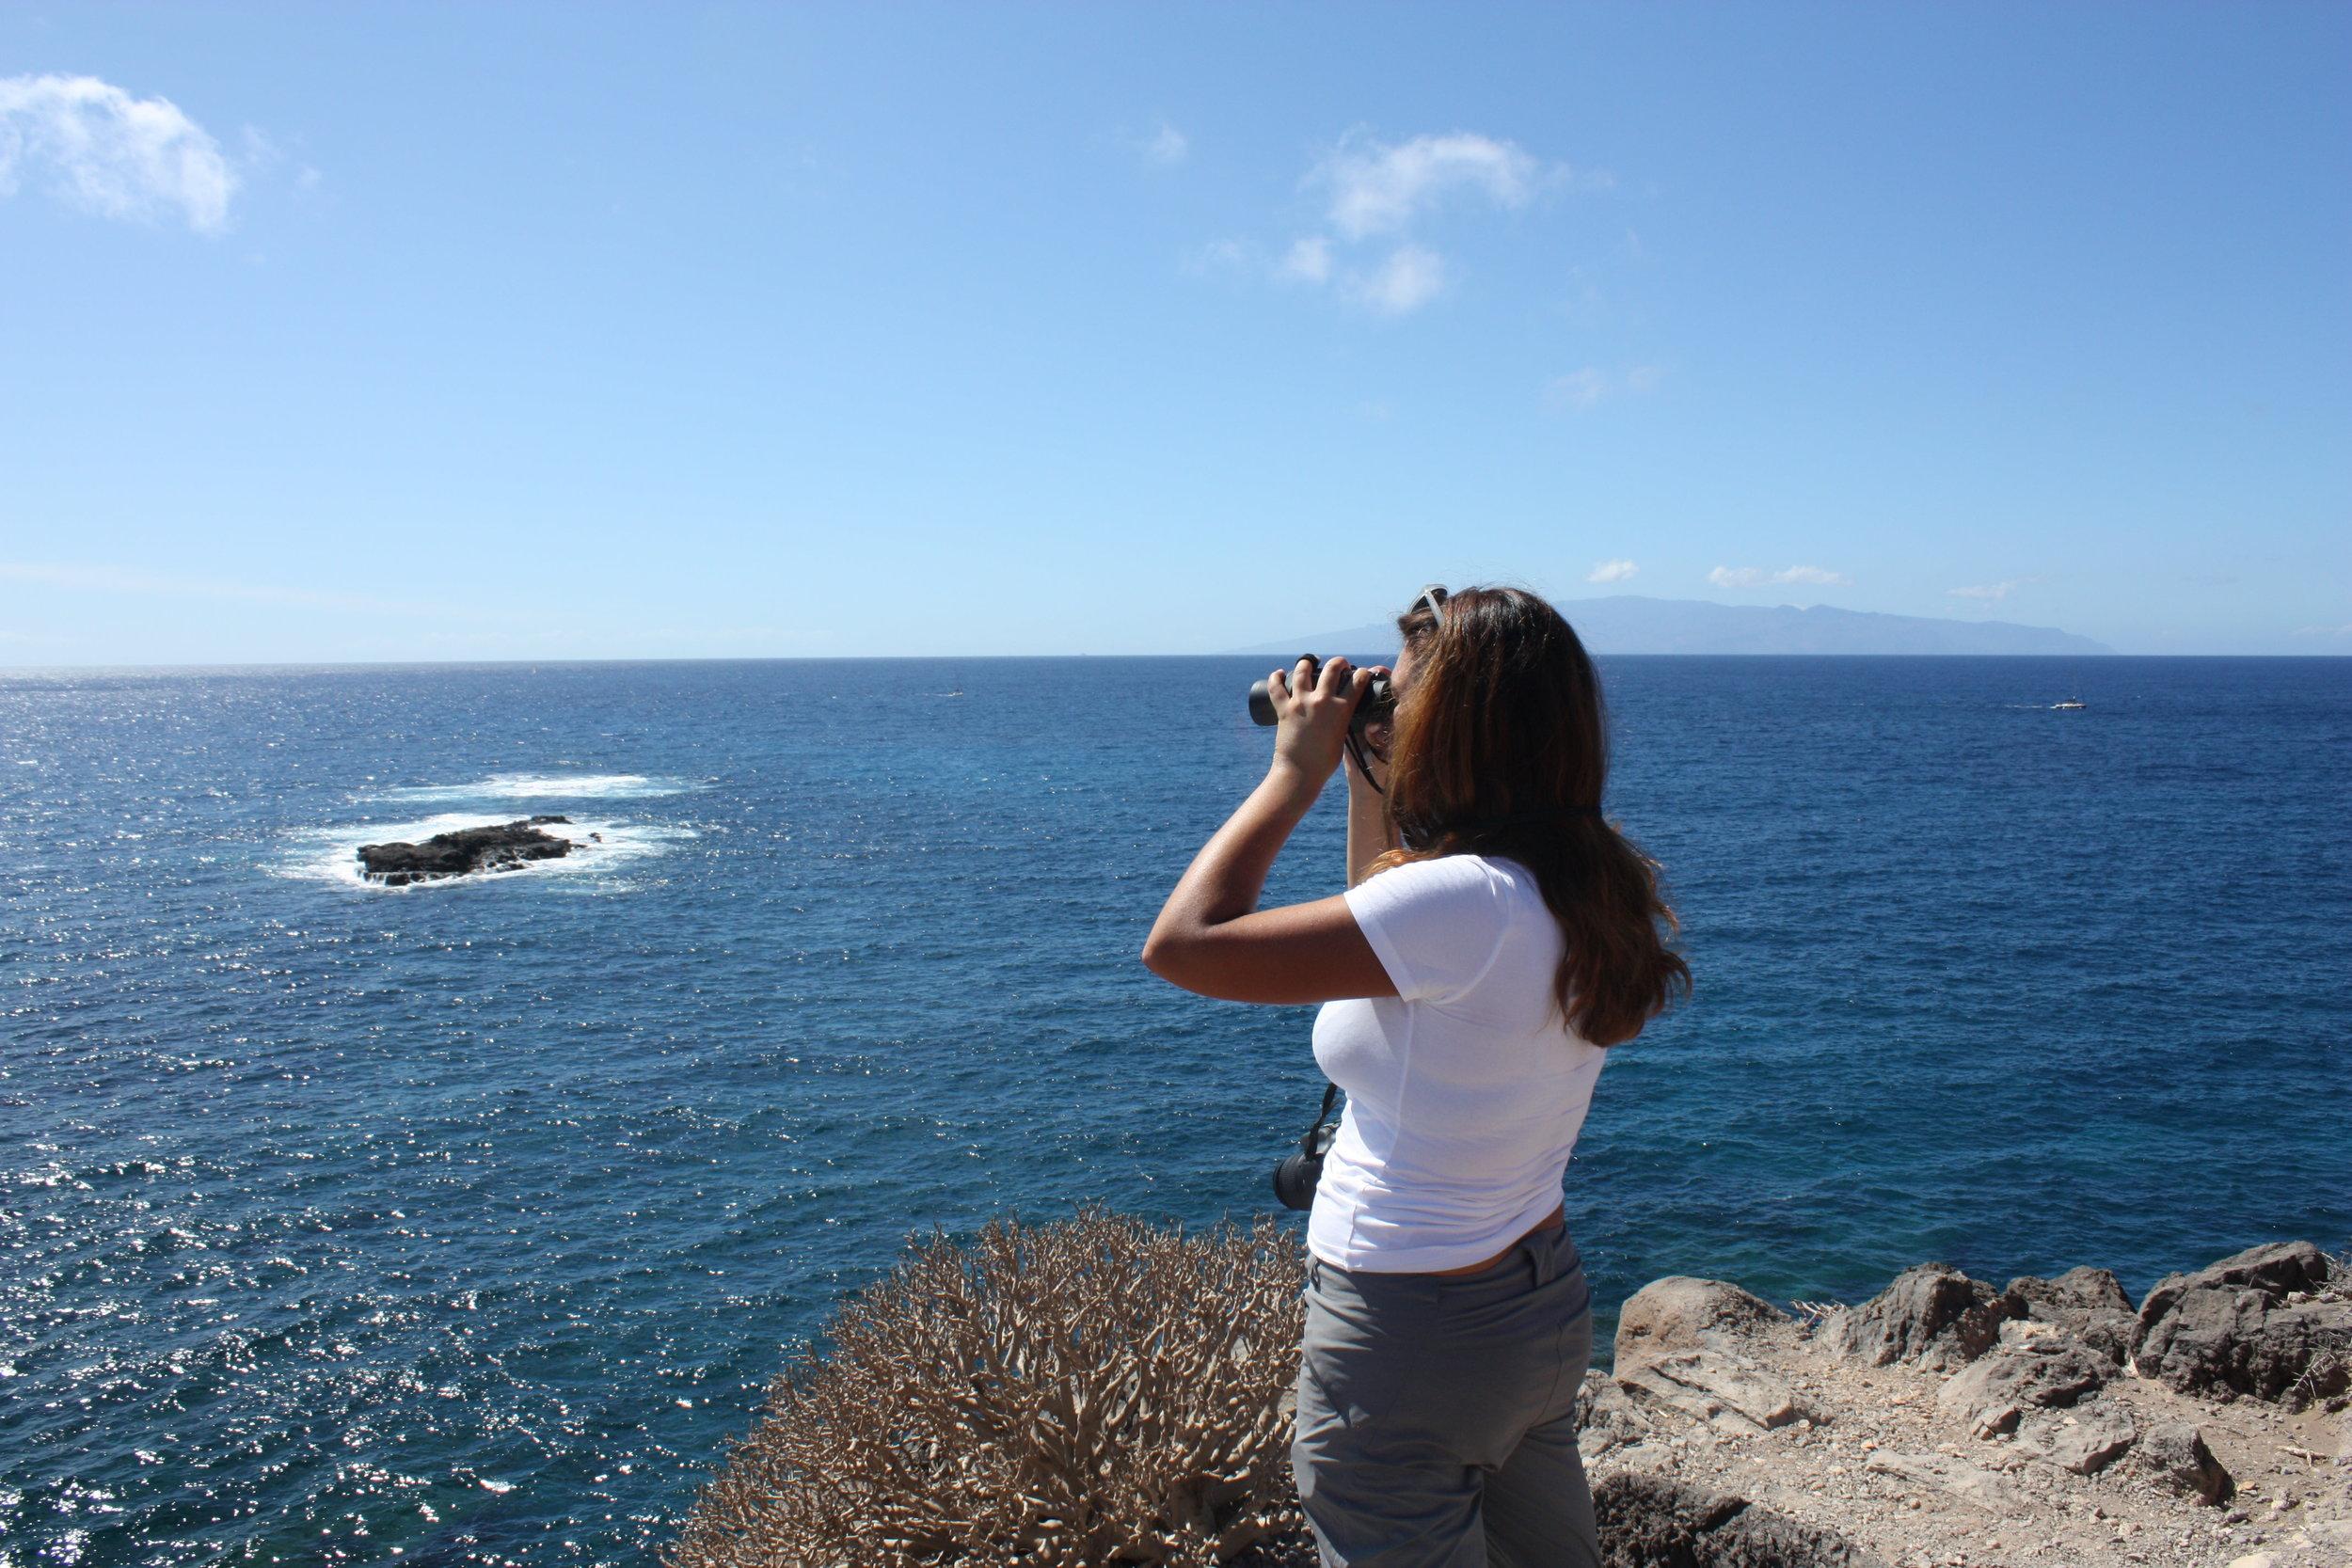 Kokemus oli mukava ja ainutlaatuinen! Suosittelen Teneriffan valaiden ja delfiinien suojeluprojektia vapaaehtoishalukkaille, jotka haluavat yhdistää rantaloman tärkeään eläinten ja ympäristön hyväksi tehtävään työhön. - Anita